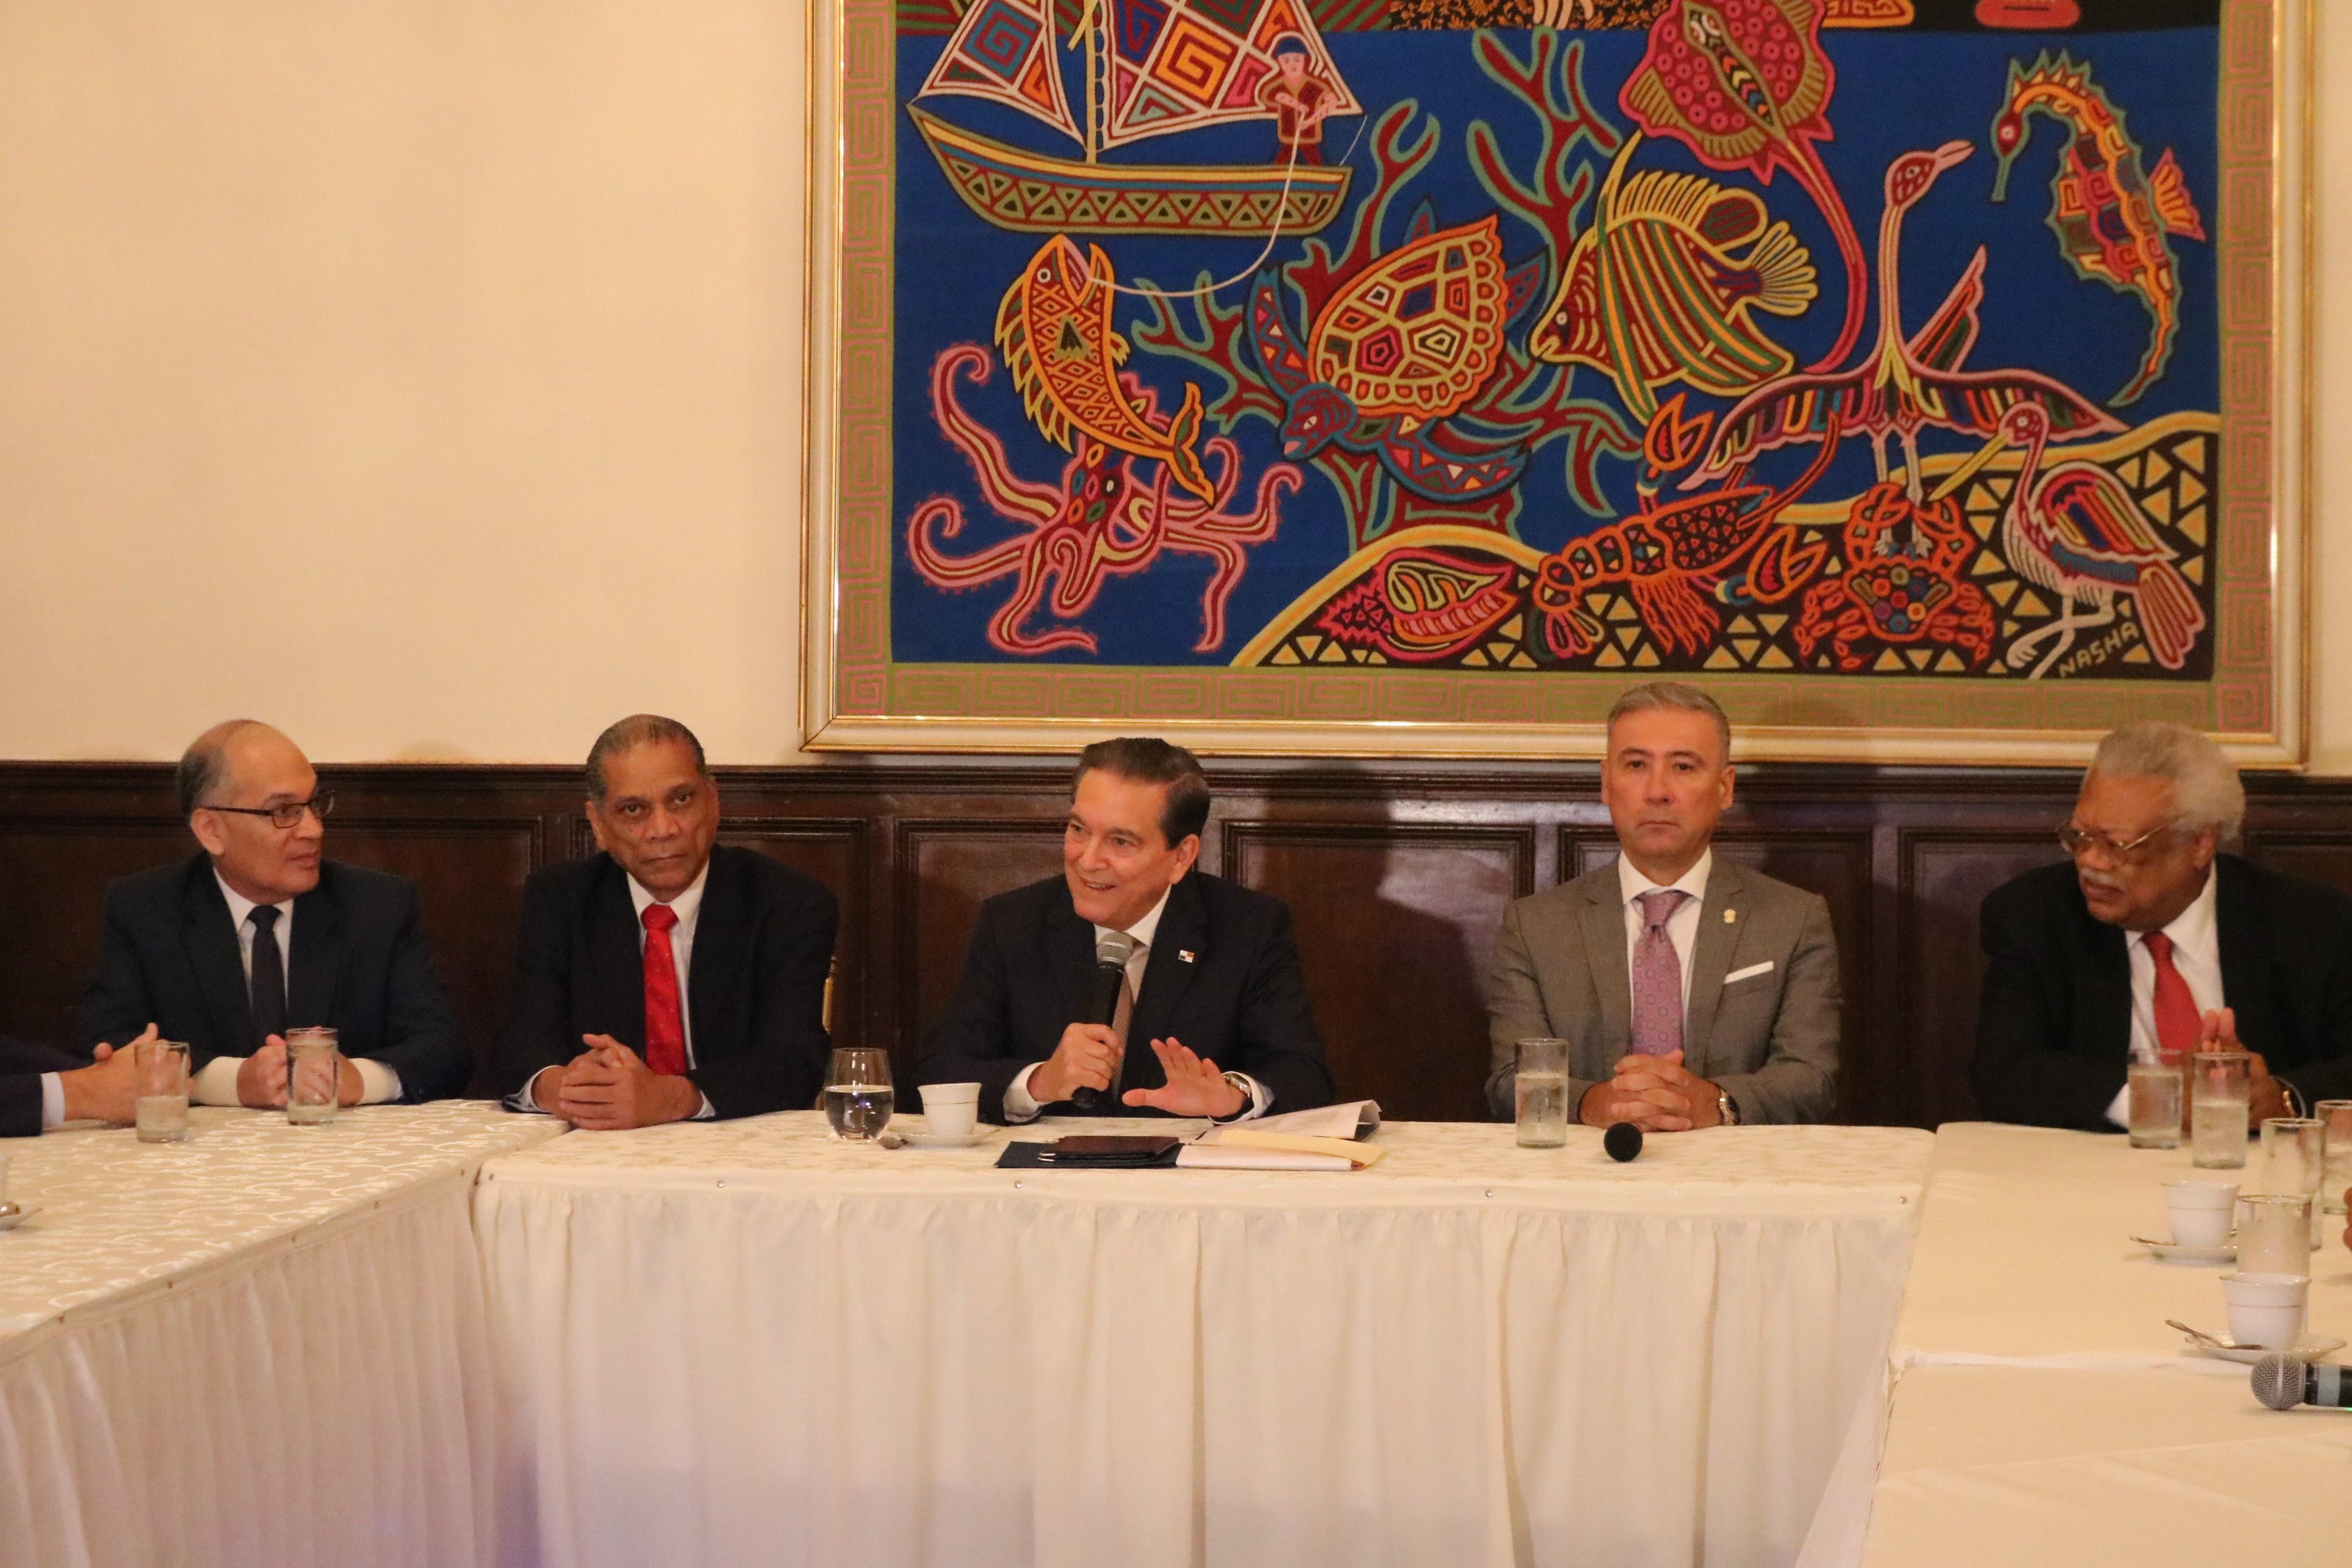 Comisión Especial de Evaluación entrega informe de consideraciones de aspirantes a magistrados al Presidente Cortizo